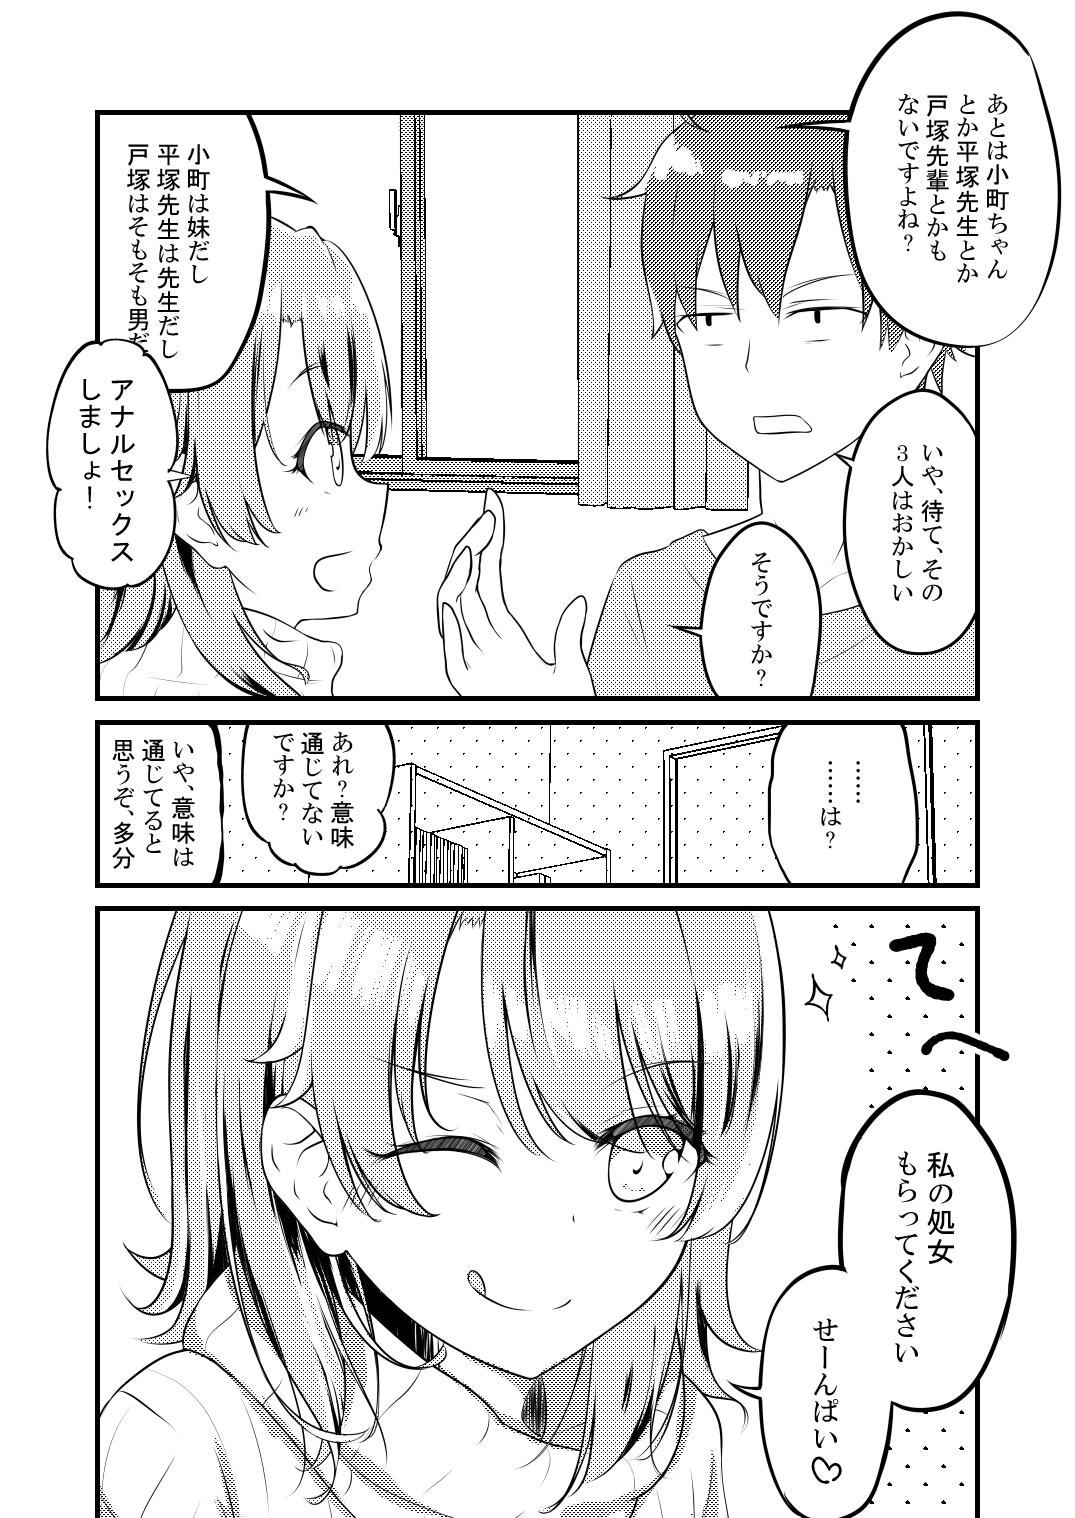 Irohasu ga Deredere de Kanchigai Shisou 7